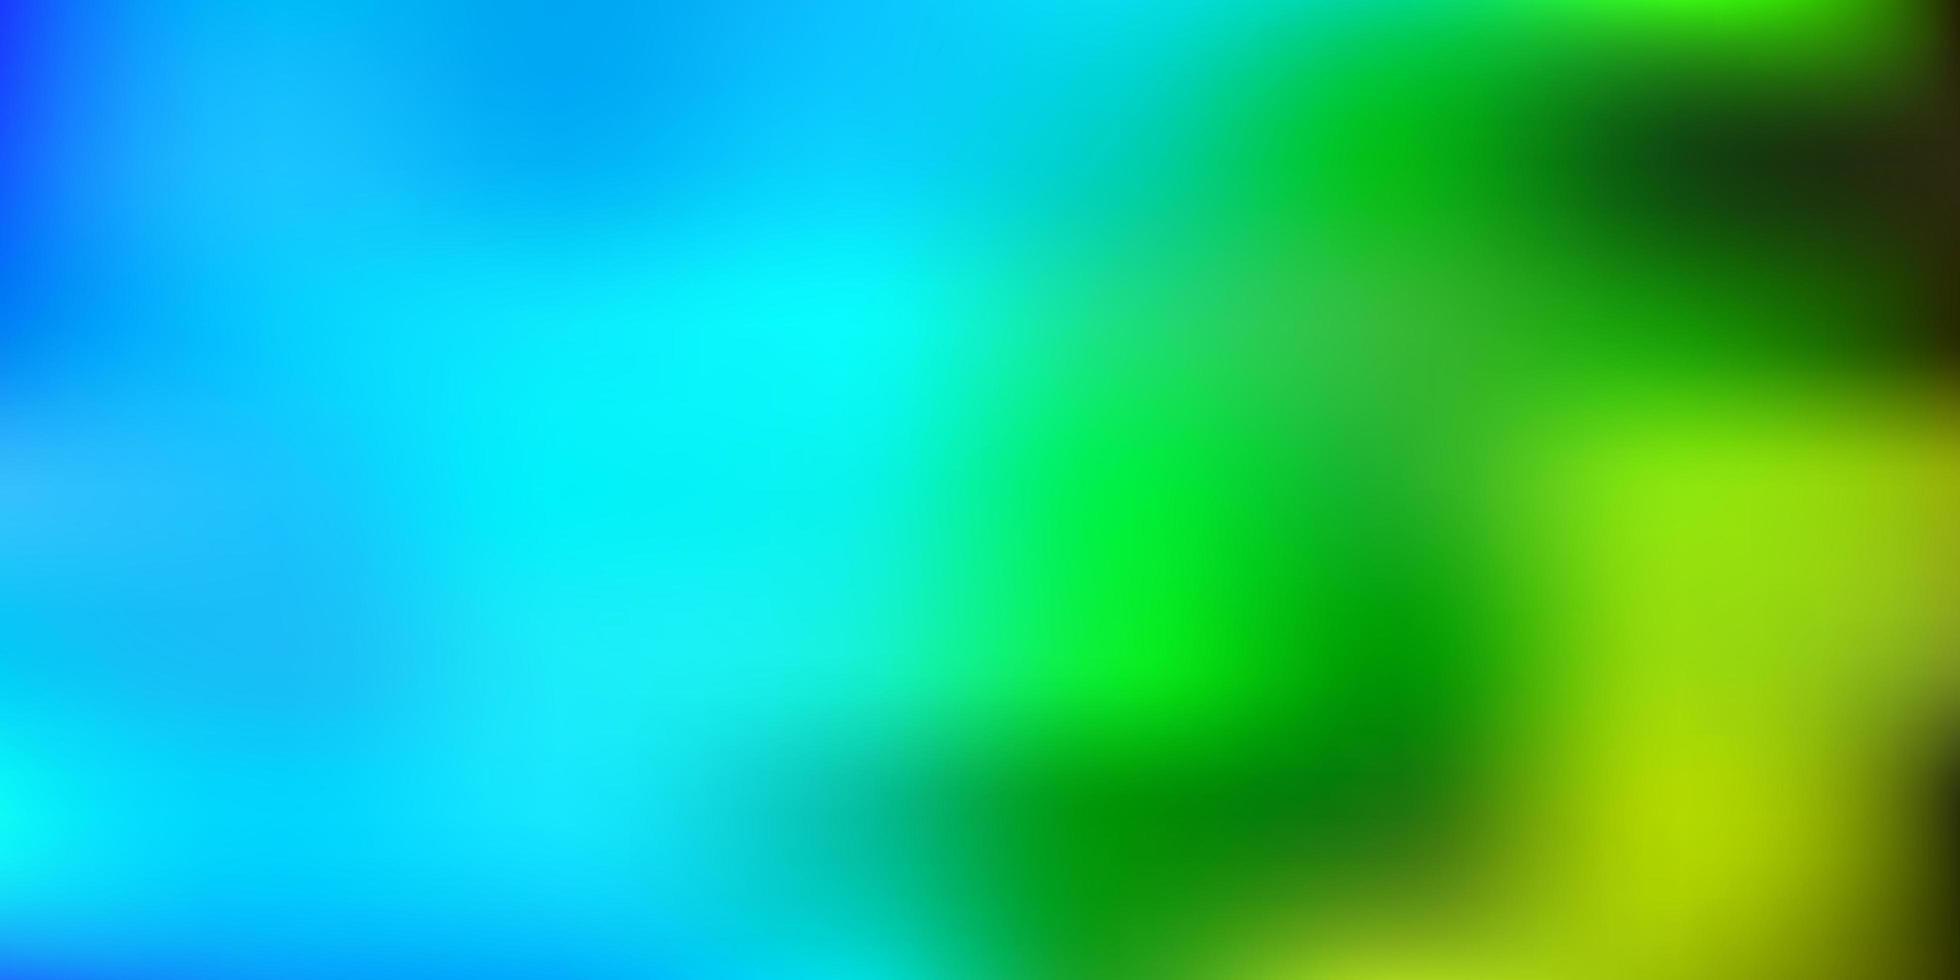 textura de desfoque de vetor azul e verde claro.